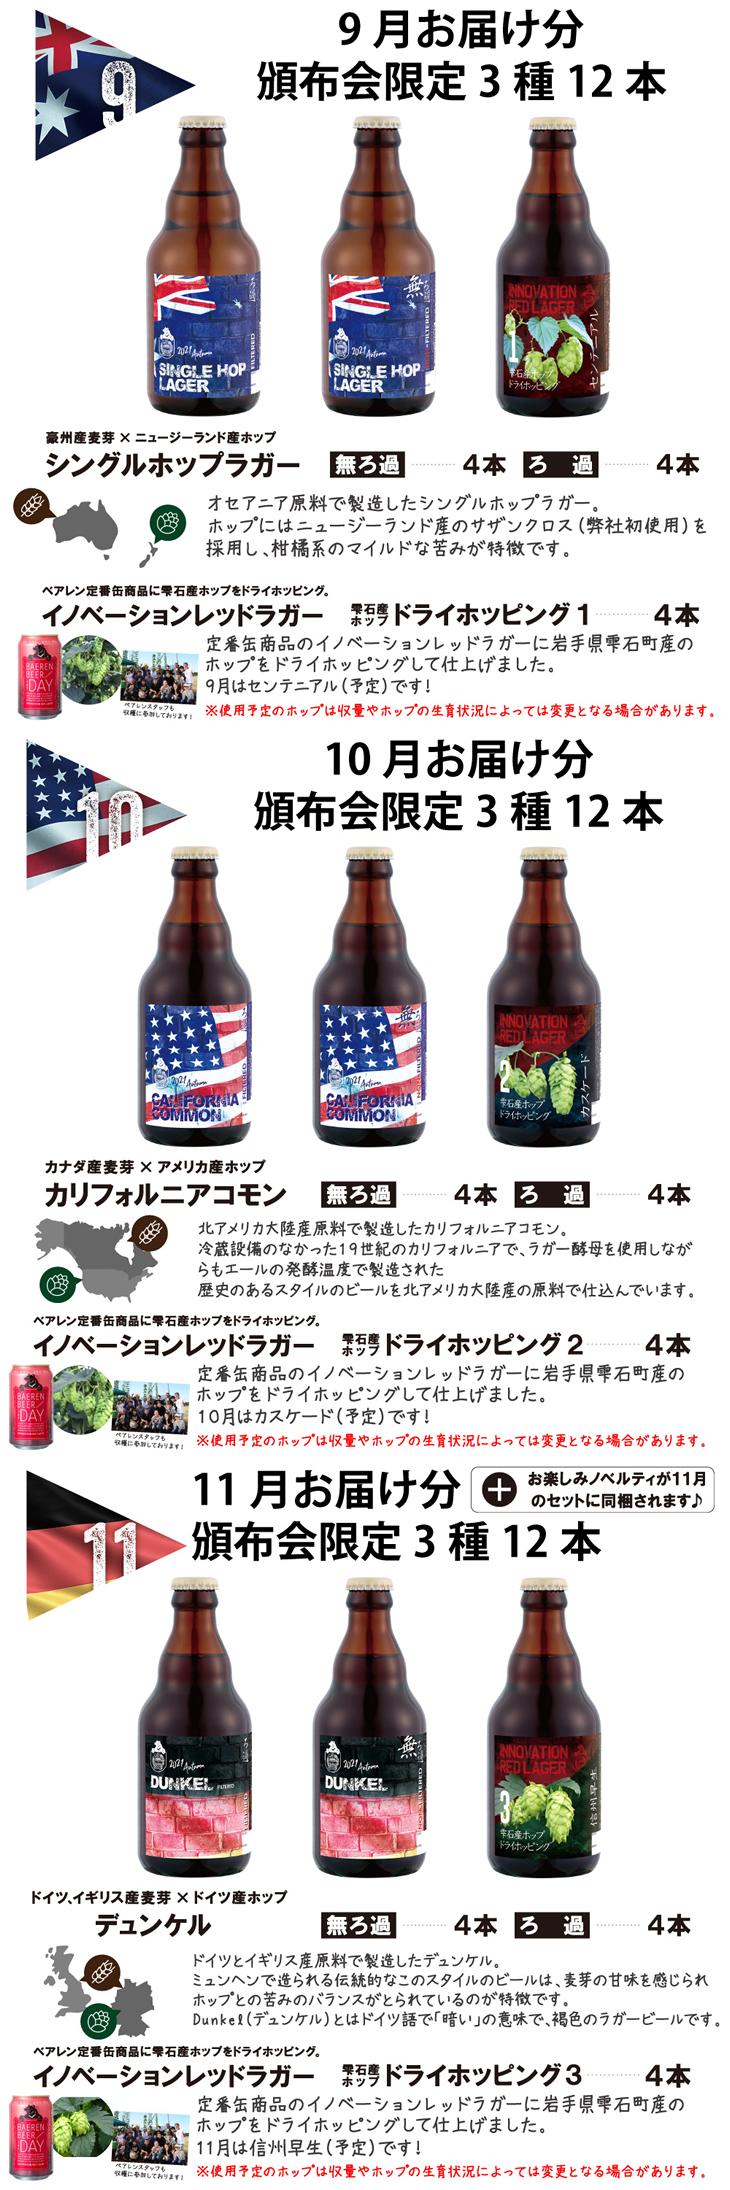 ベアレン 頒布会商品バナー04大2021(9月10月11月まとめ)